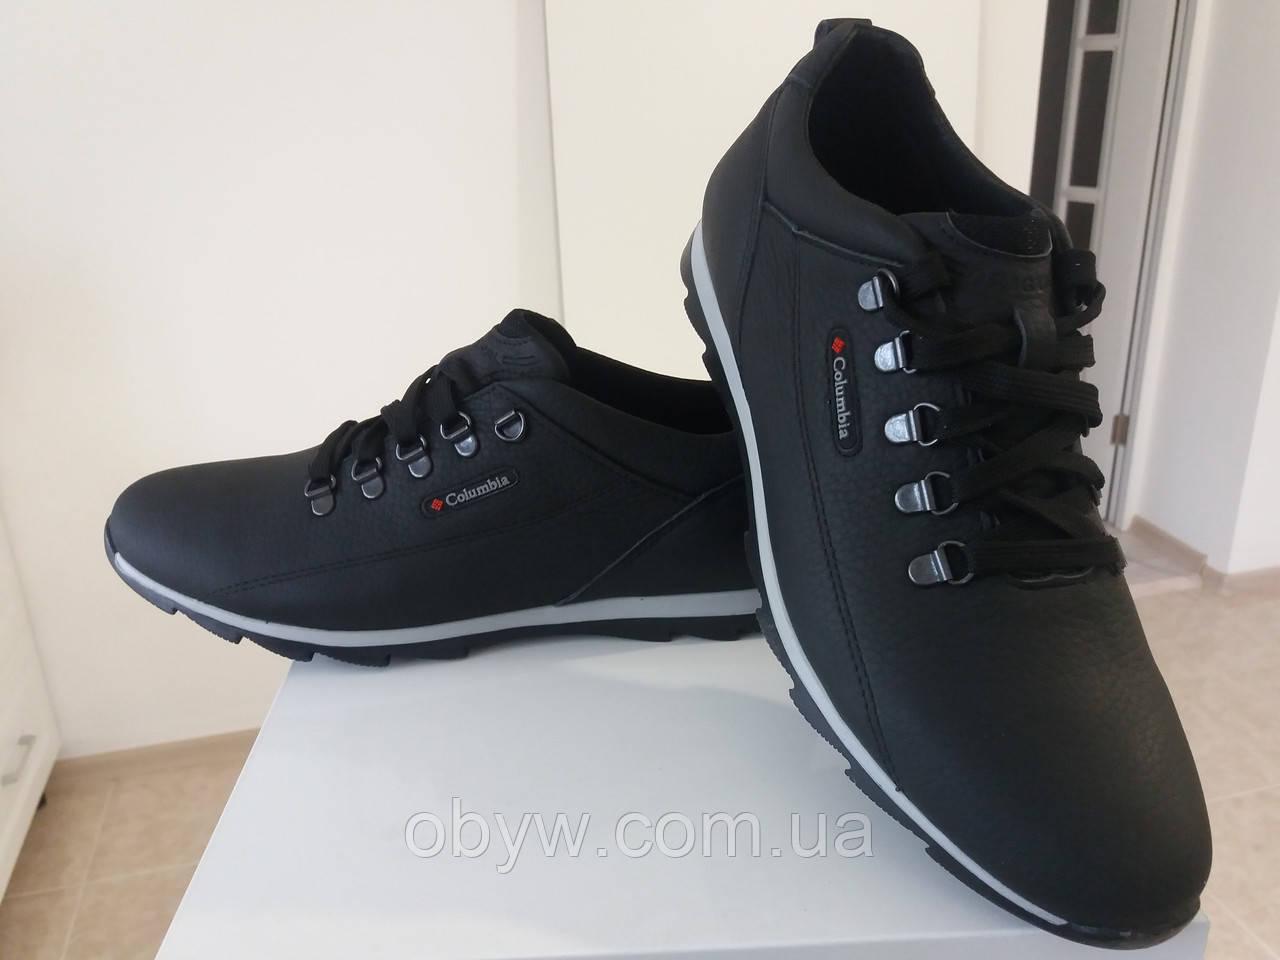 405cbb034 Мужские кроссовки Cаlаmbia v6 весенние: продажа, цена в Днепре ...